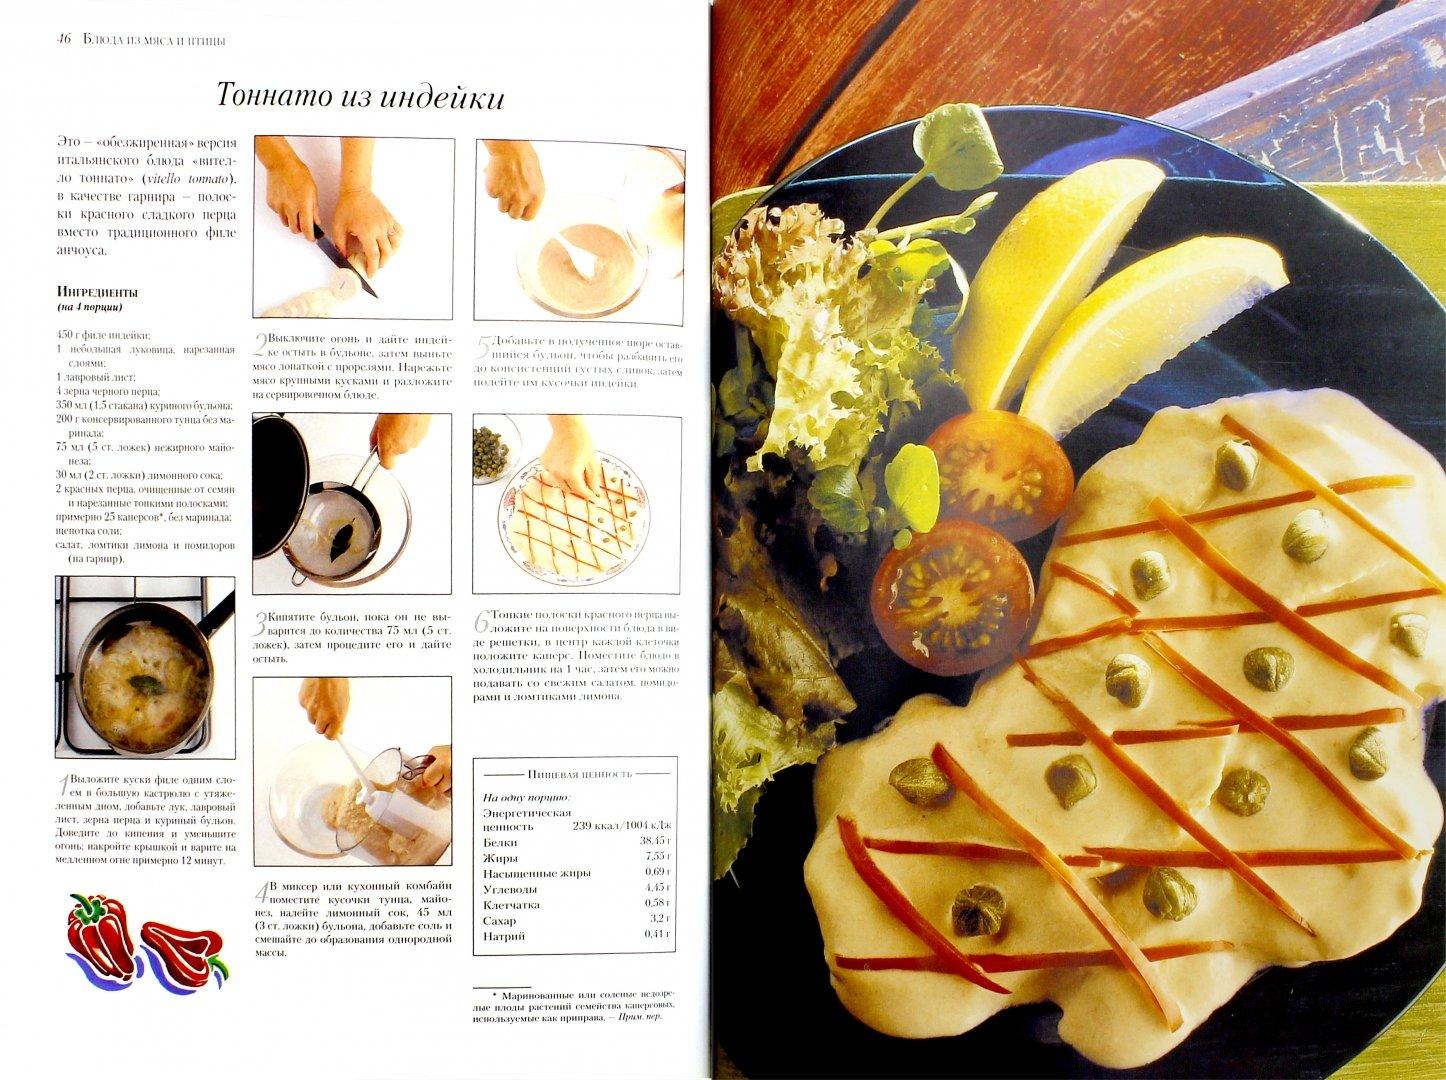 Иллюстрация 1 из 16 для Здоровая пища для здорового сердца - Элен Миддлтон   Лабиринт - книги. Источник: Лабиринт